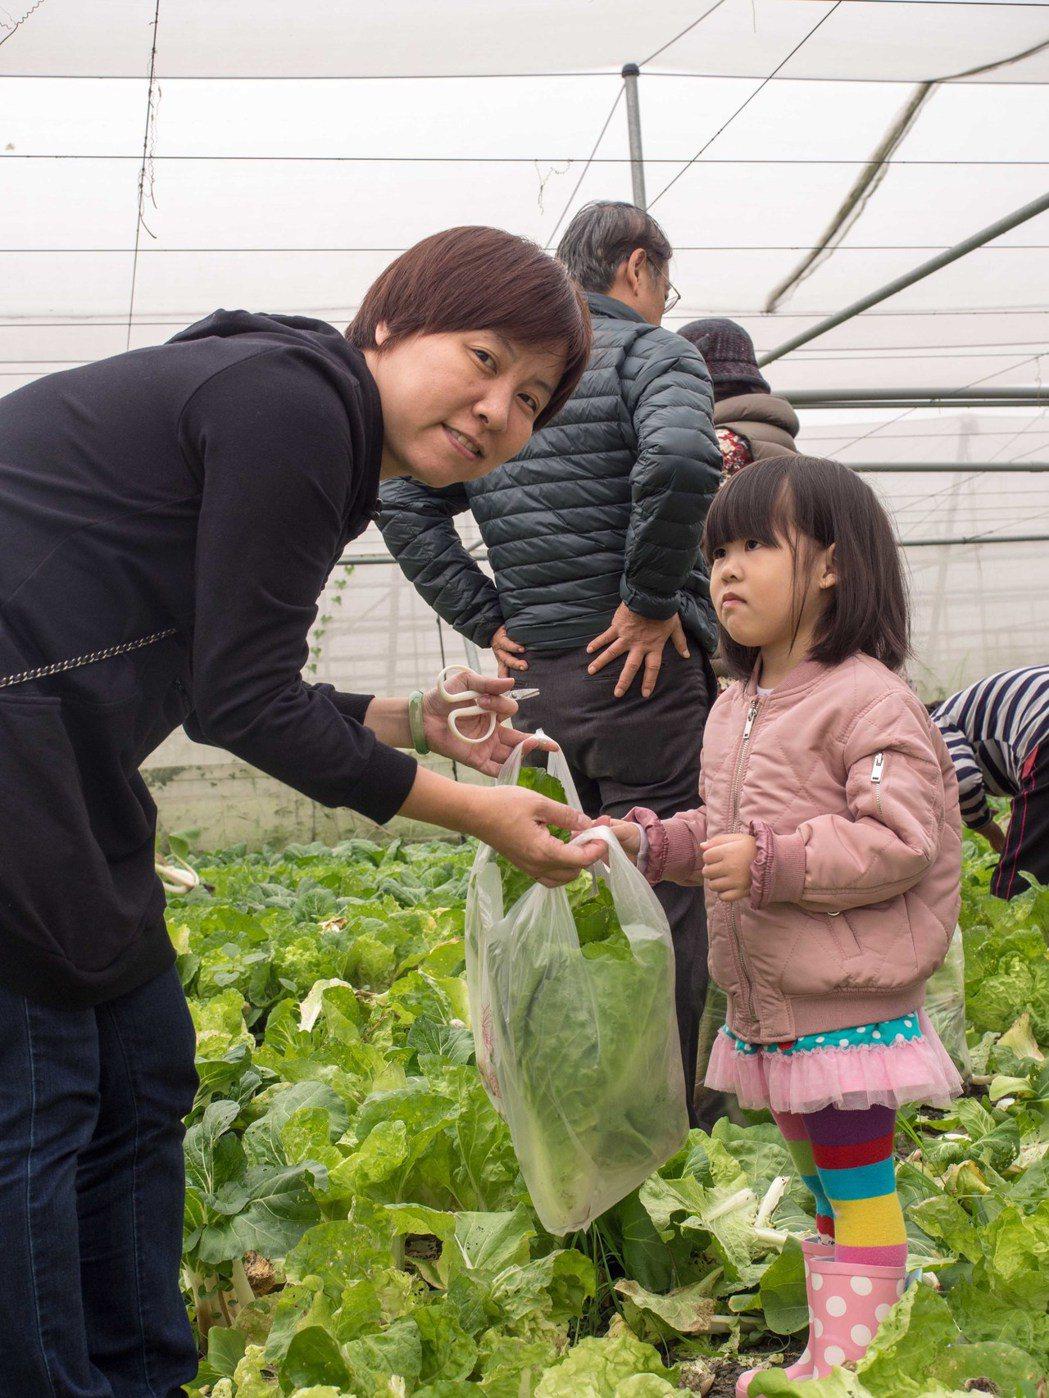 雖然江夏有機澄清有機蔬菜沒有滯銷,卻仍開放部份產區給民眾採摘。記者林良齊/攝影